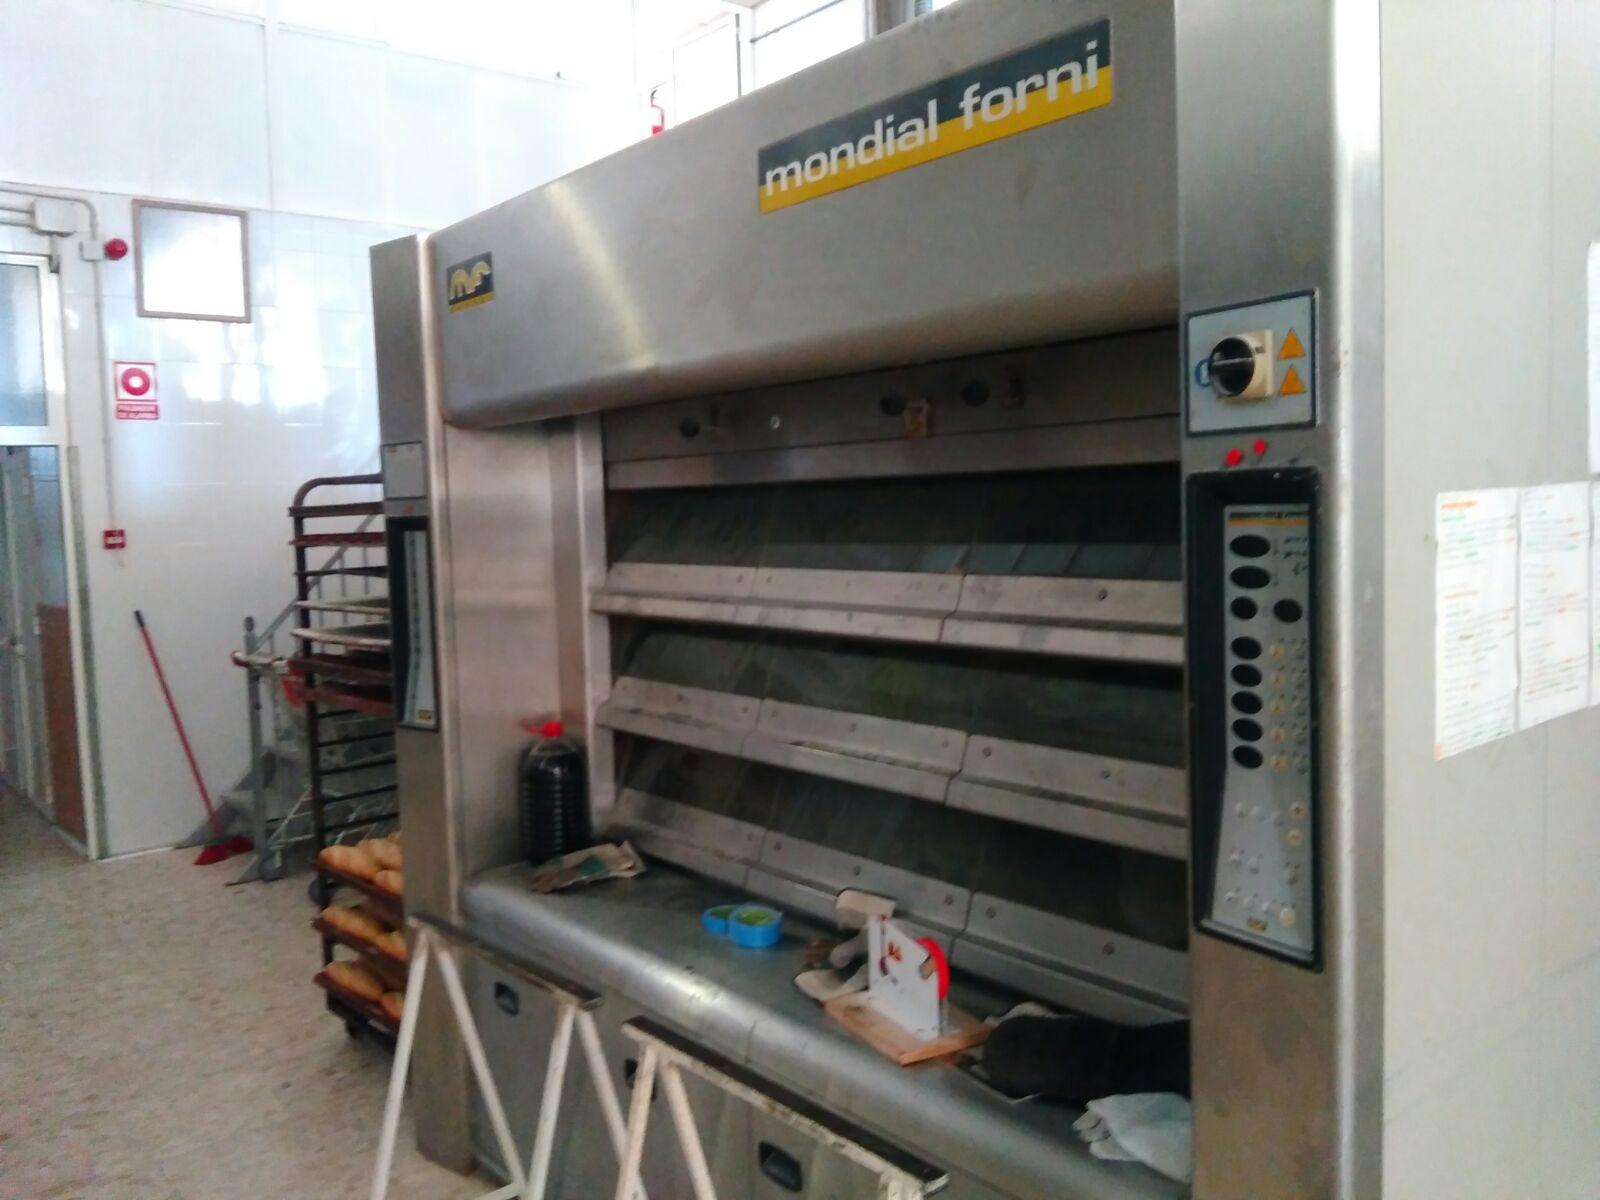 Horno pisos mondial forni segunda mano maquinaria de for Pisos de segunda mano